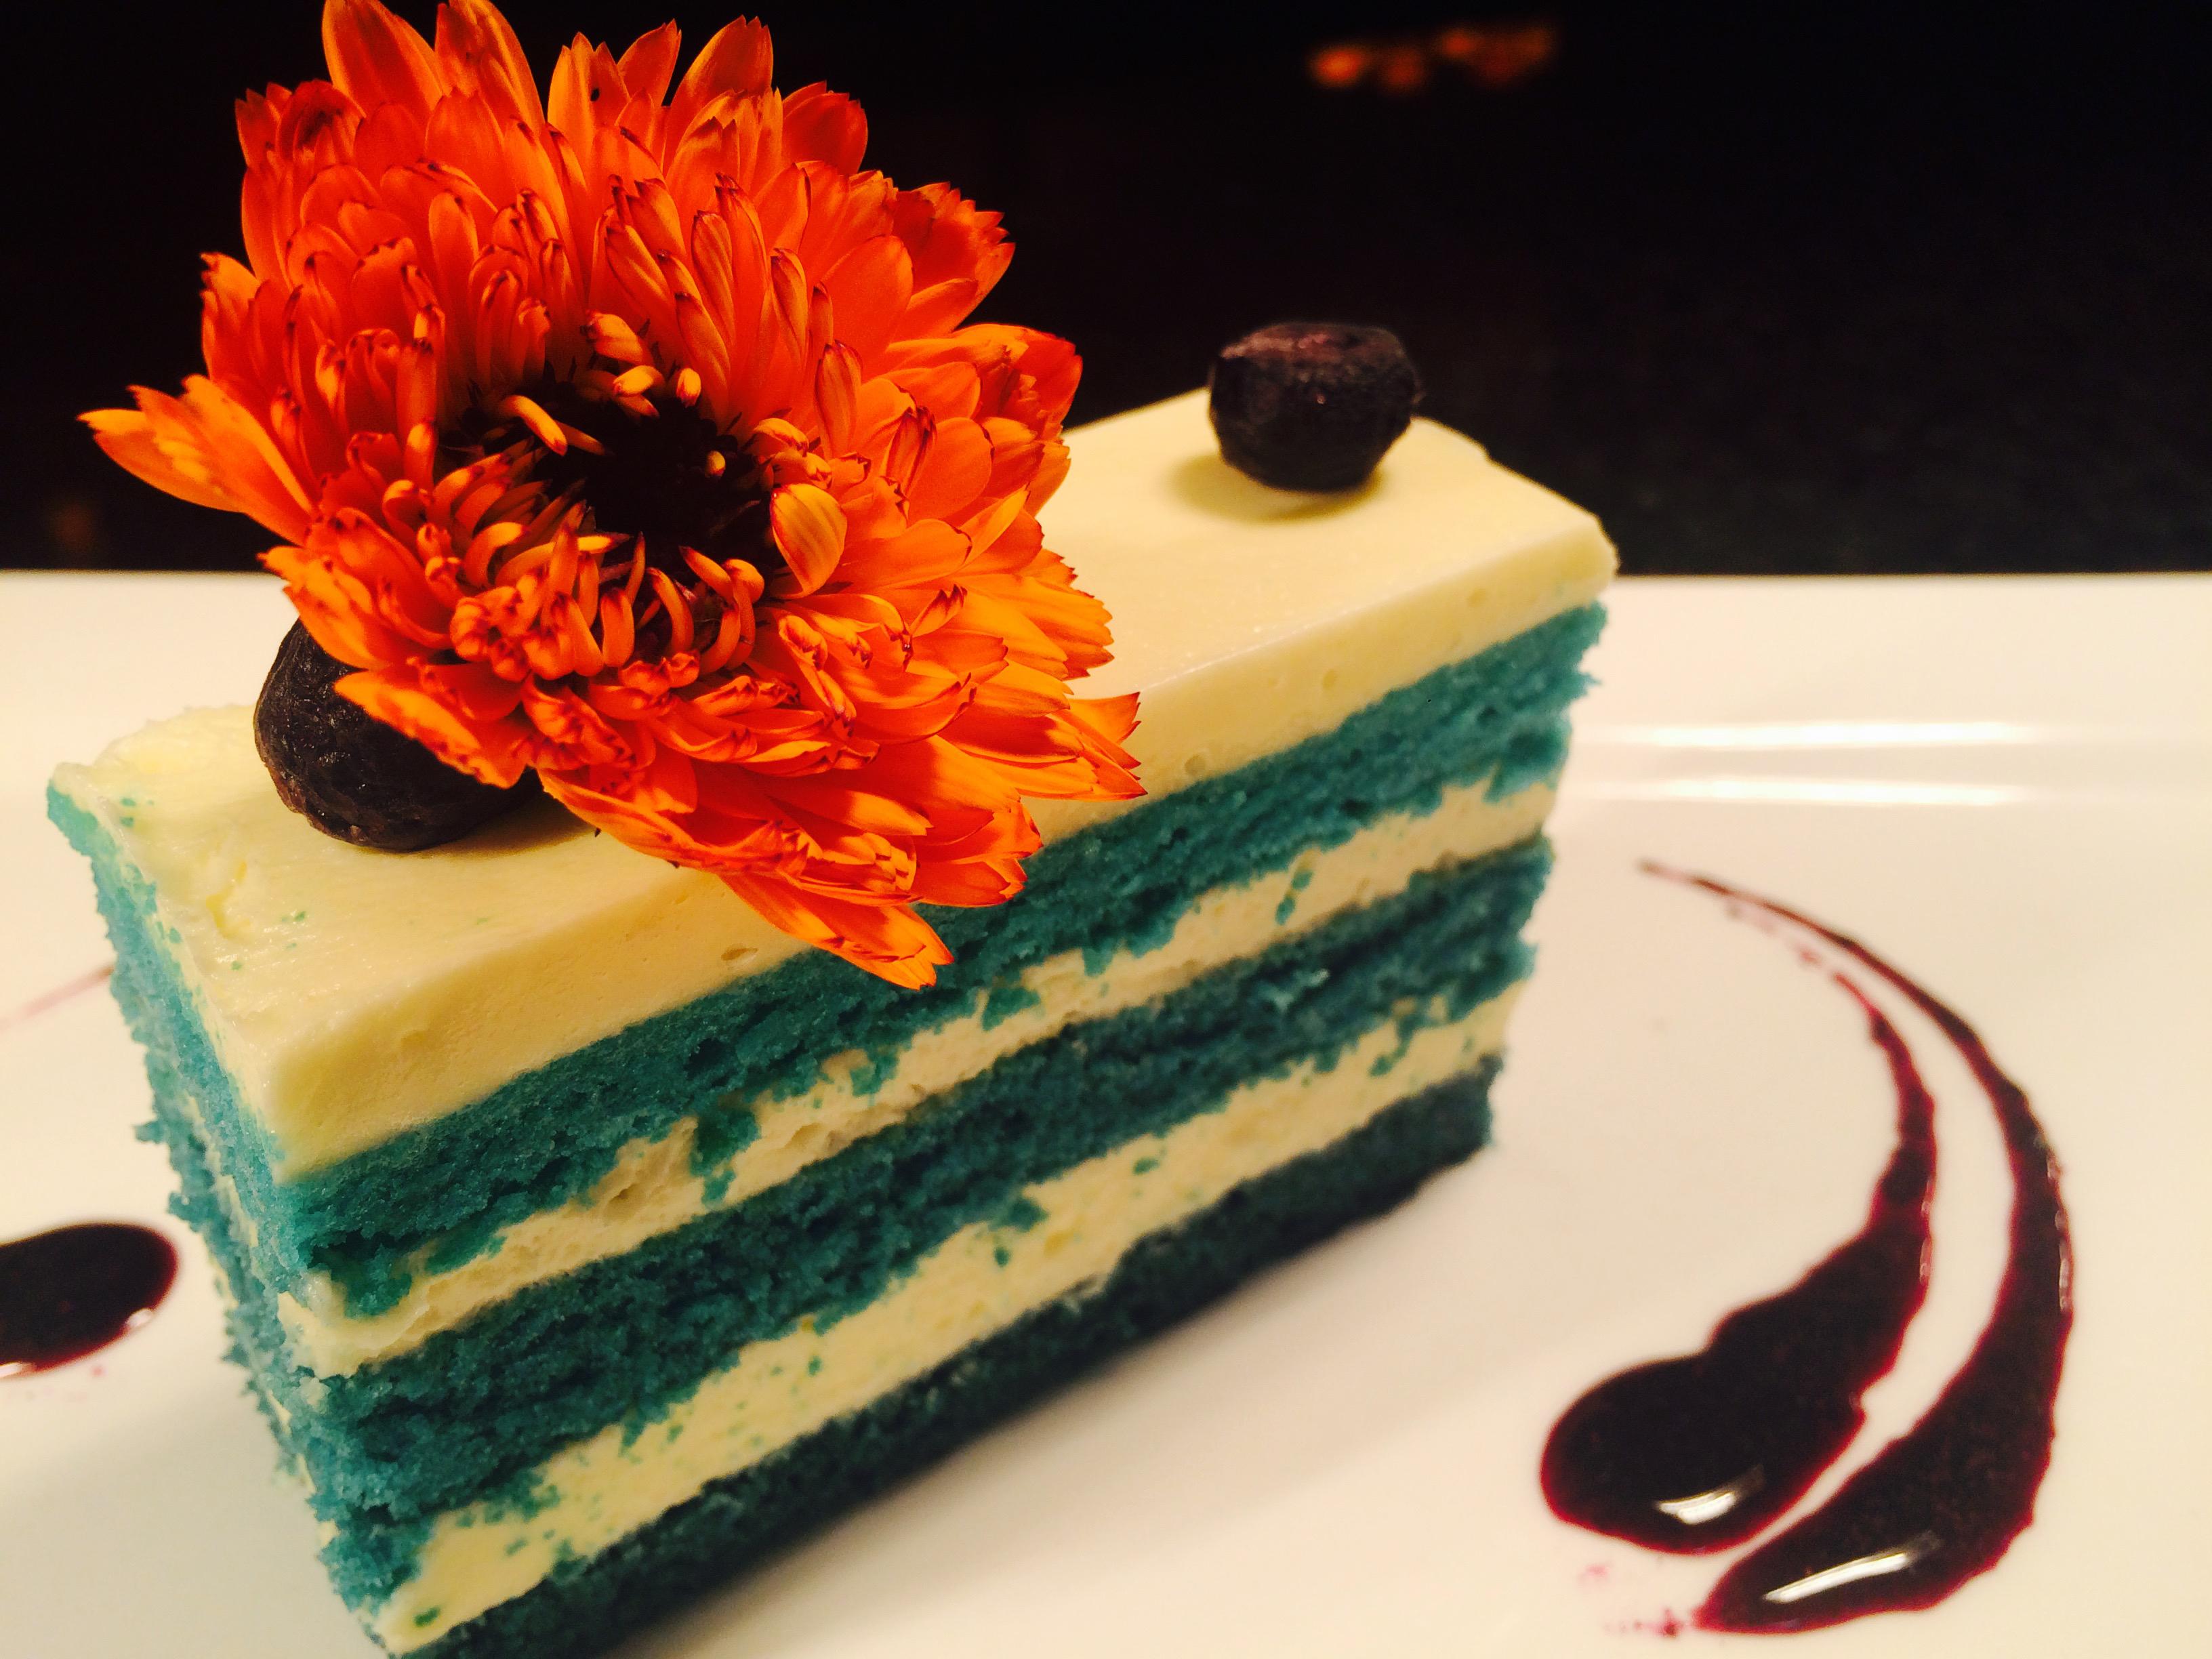 pandemuerto_La Casa Azul dessert special 2